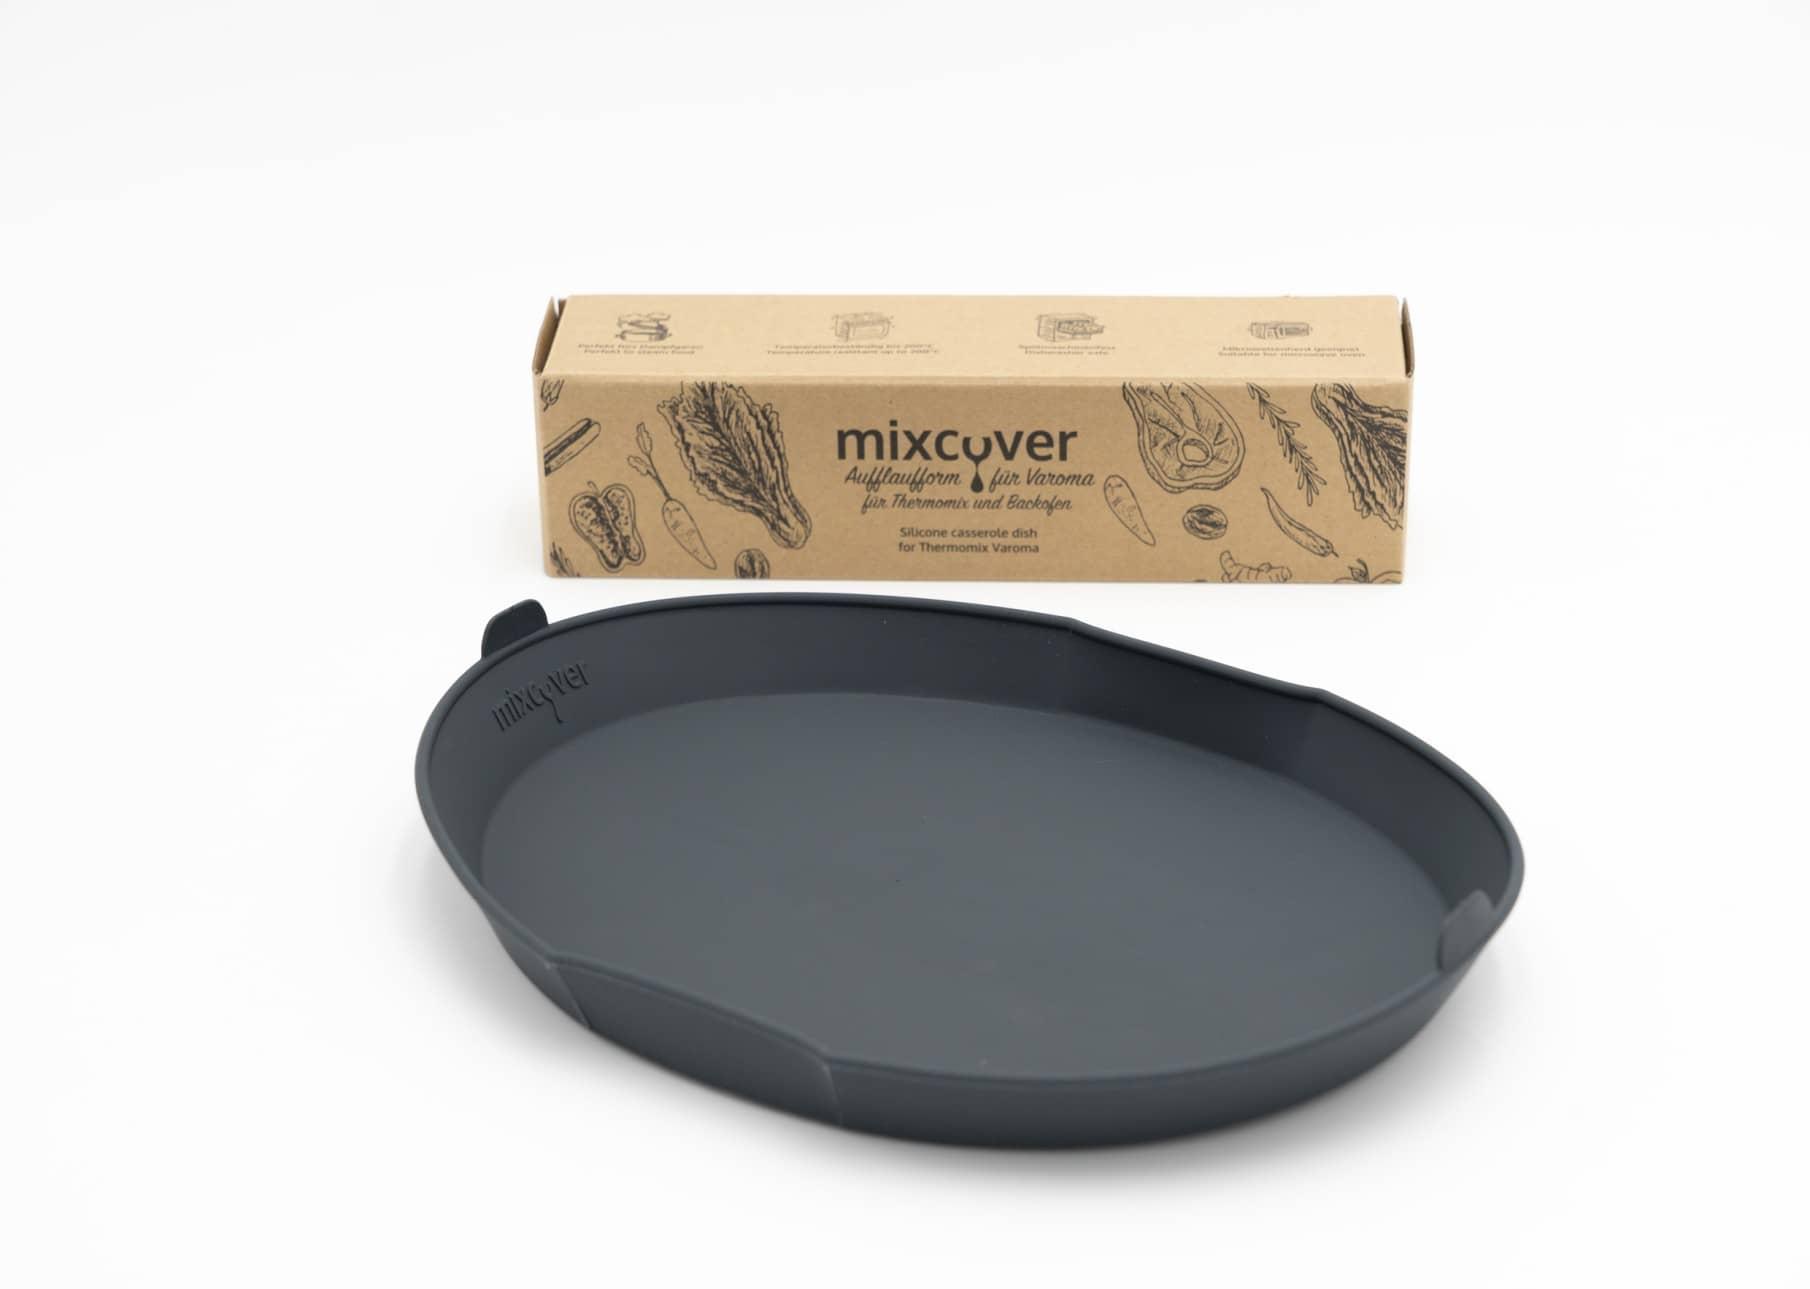 schwarz mixcover Dampfgarform Silikonform Auflaufform f/ür Thermomix Varoma Einlegeboden f/ür TM5 TM6 TM31 TM-Friend